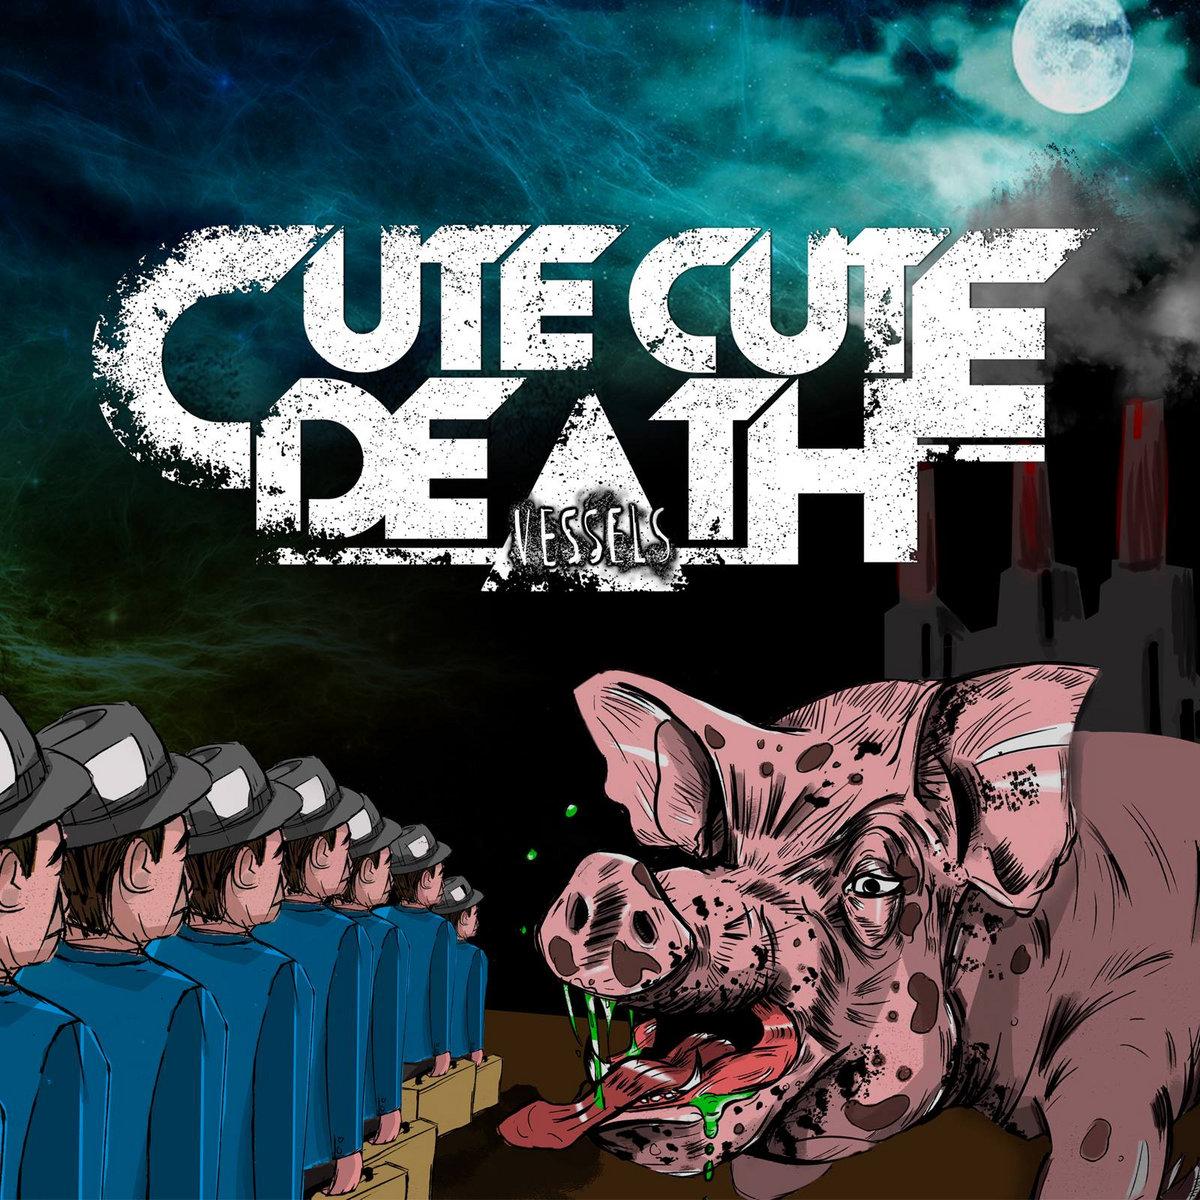 CUTE CUTE DEATH - Vessels (2016)